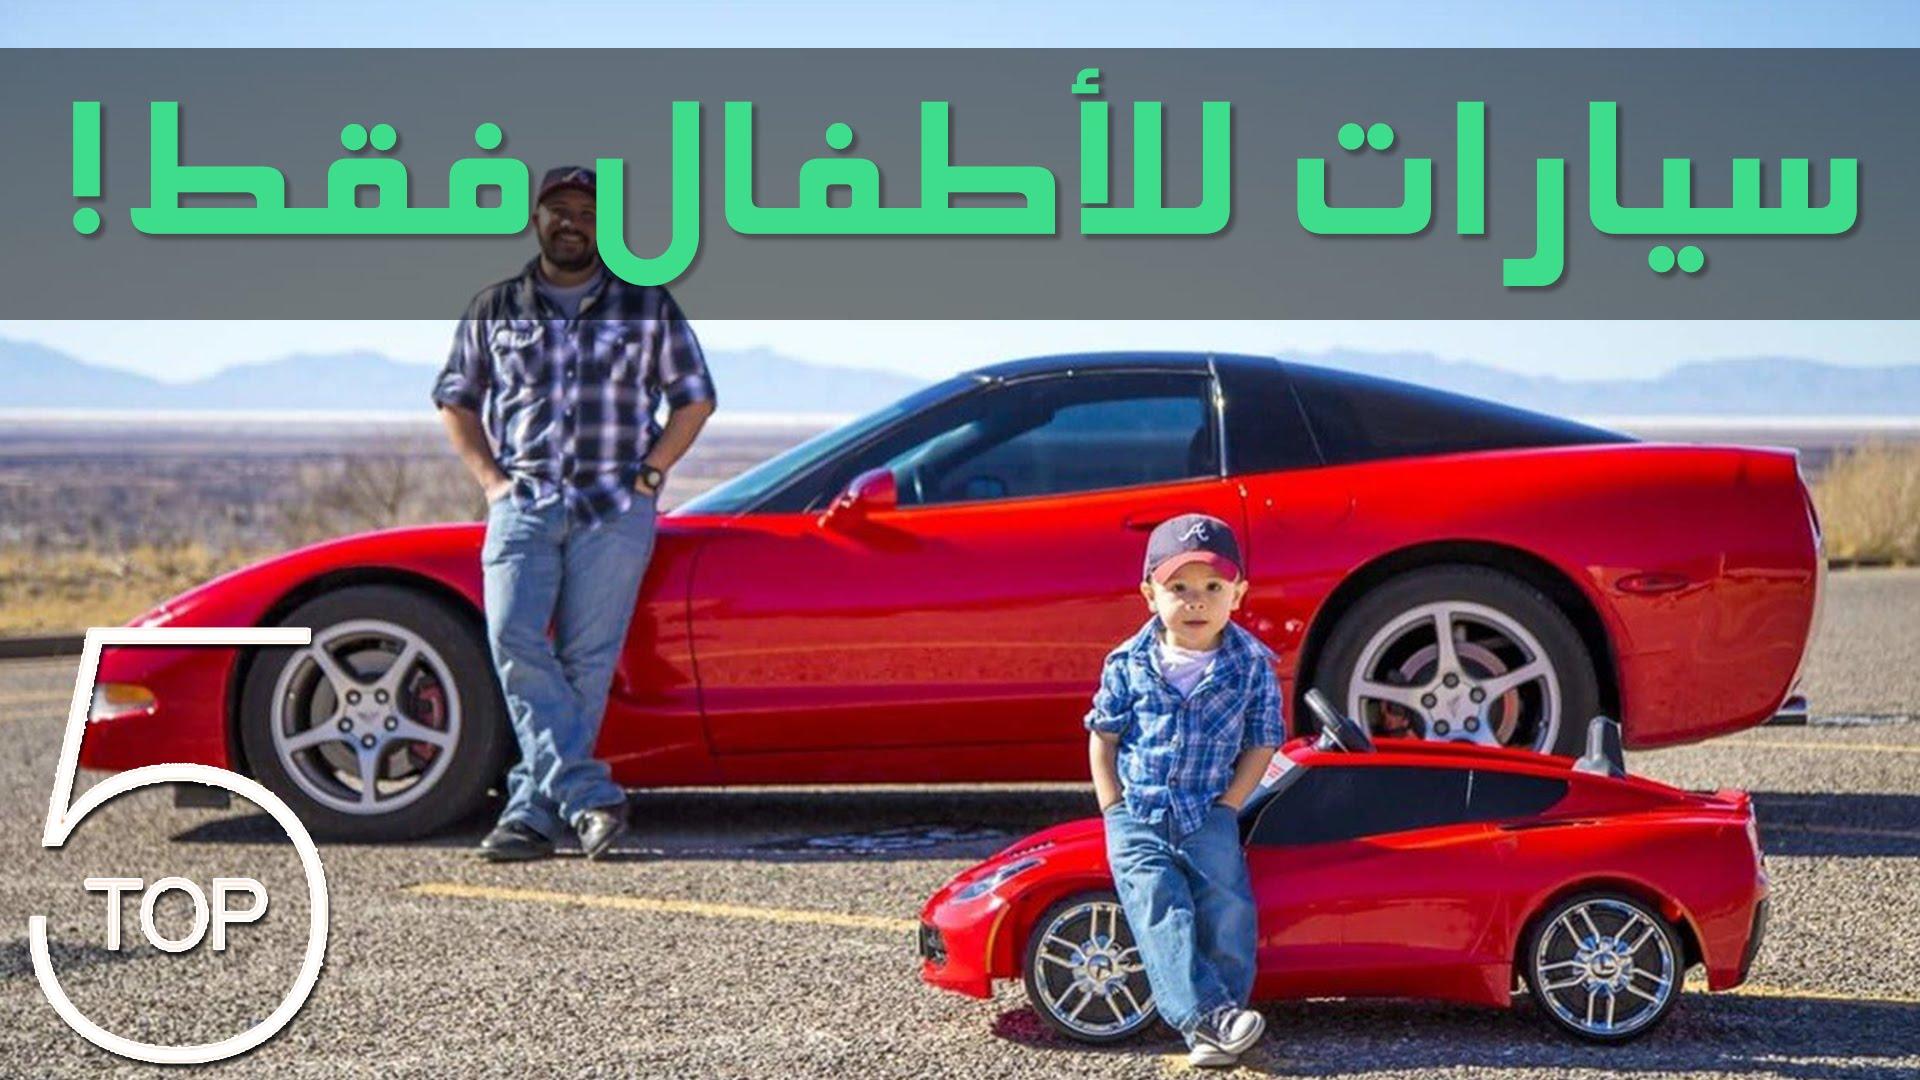 أفضل 5 سيارات أطفال في العالم Top 5 Car Cars in the World